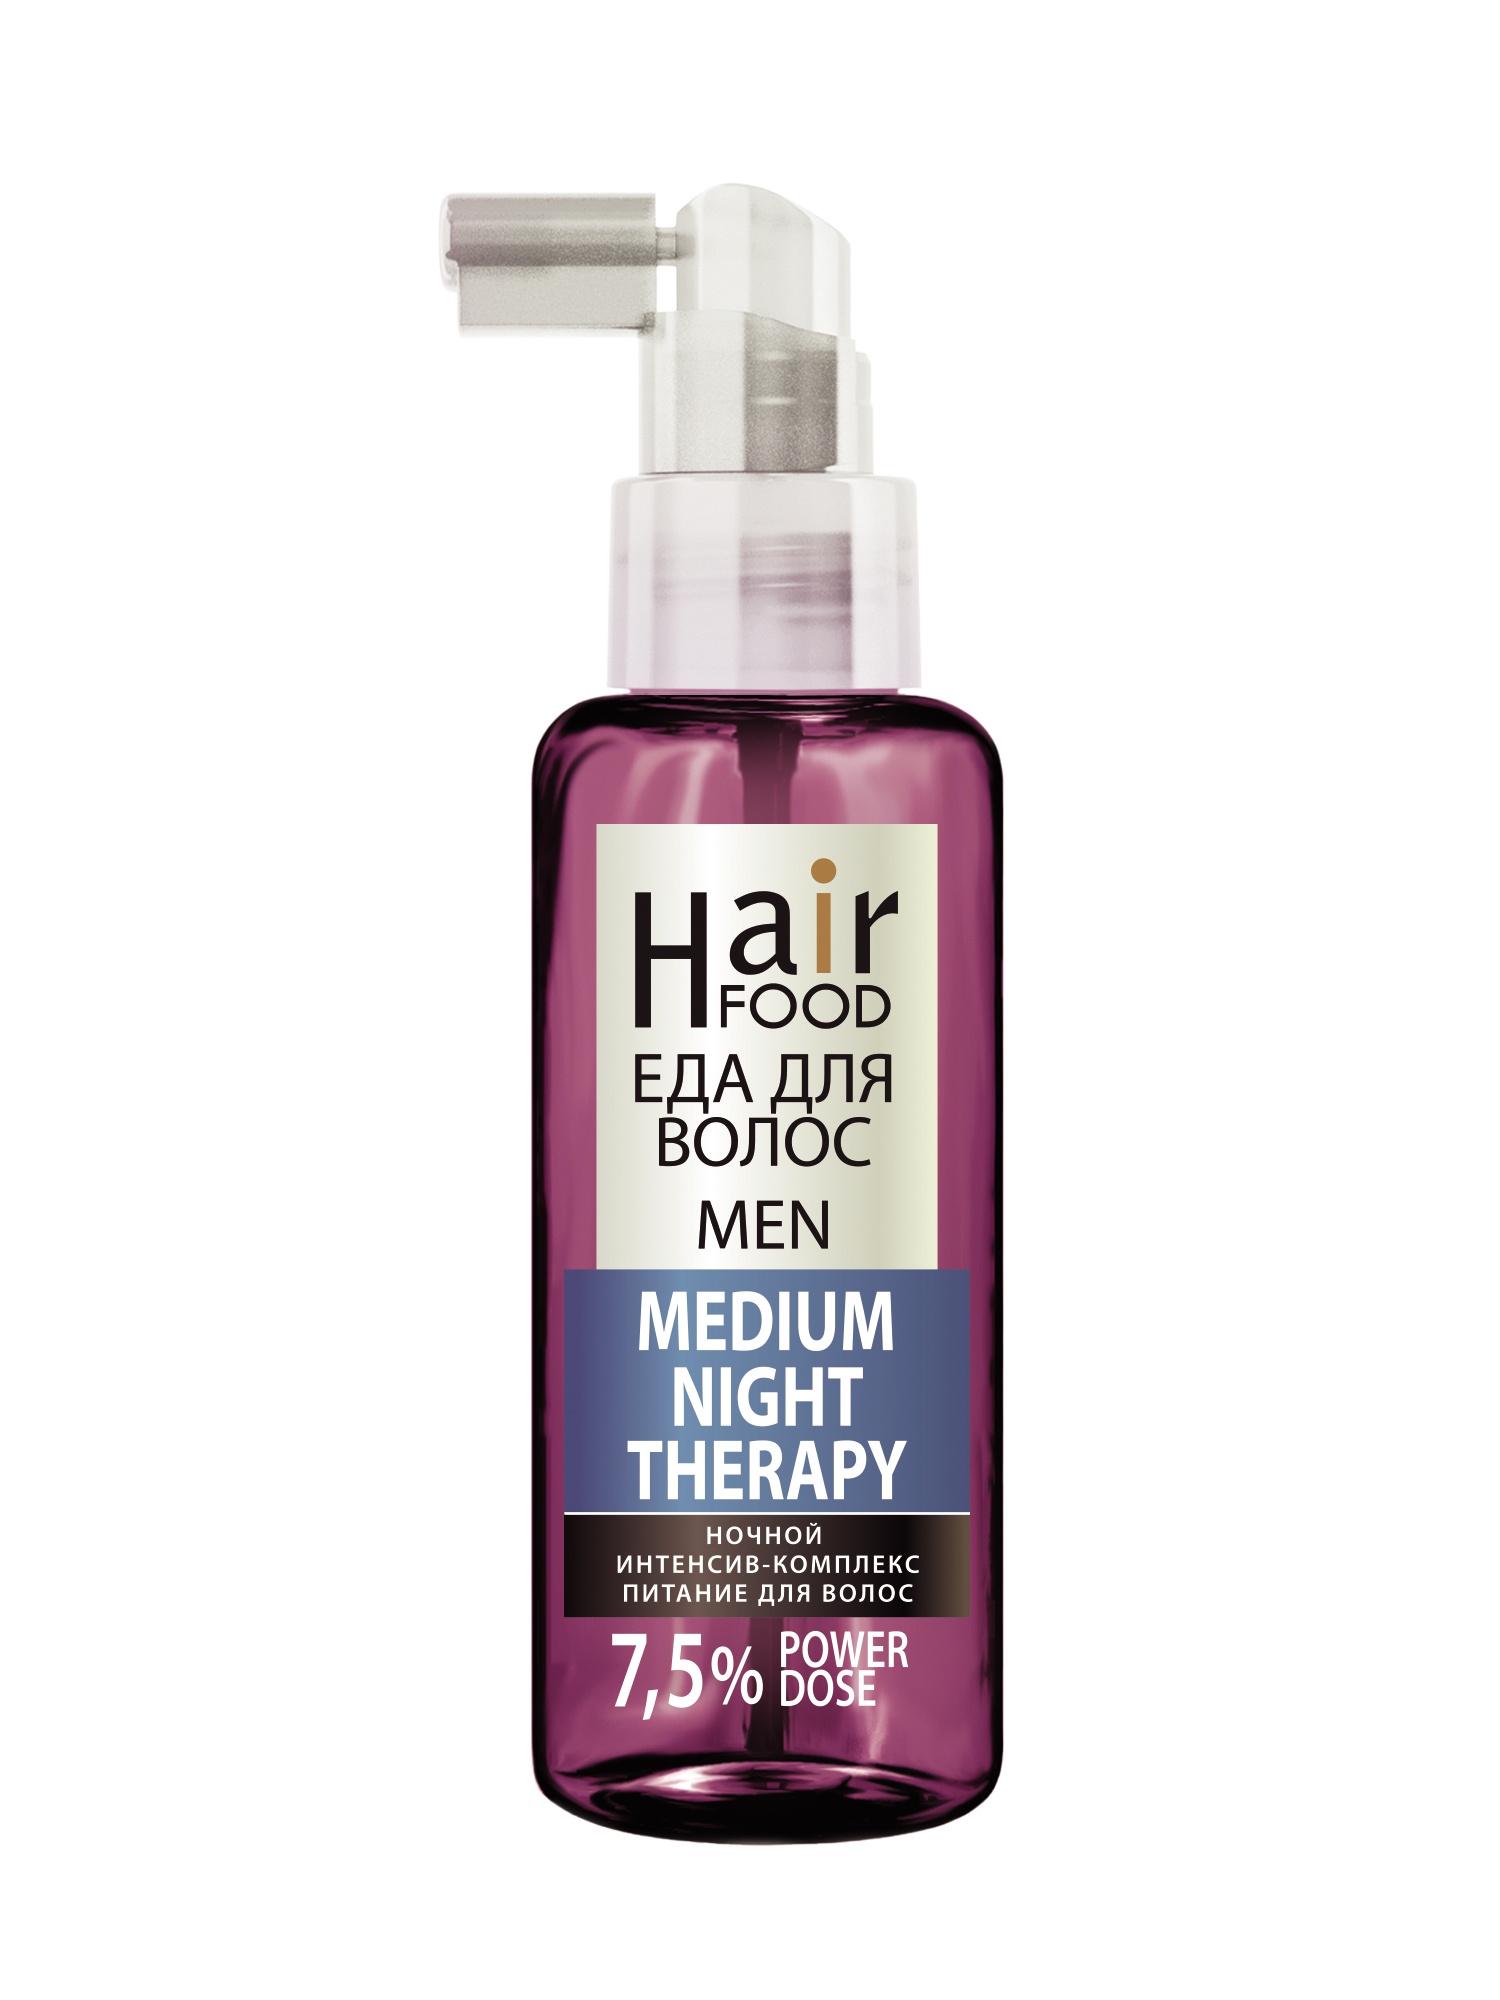 Ночной Интенсив комплекс питание для волос HairFood WOMEN NIGHT Therapy MEDIUM 5 %, 100 мл средство для лечения кожи головы и волос hairfood дневной фиксатор густоты men medium 7 5